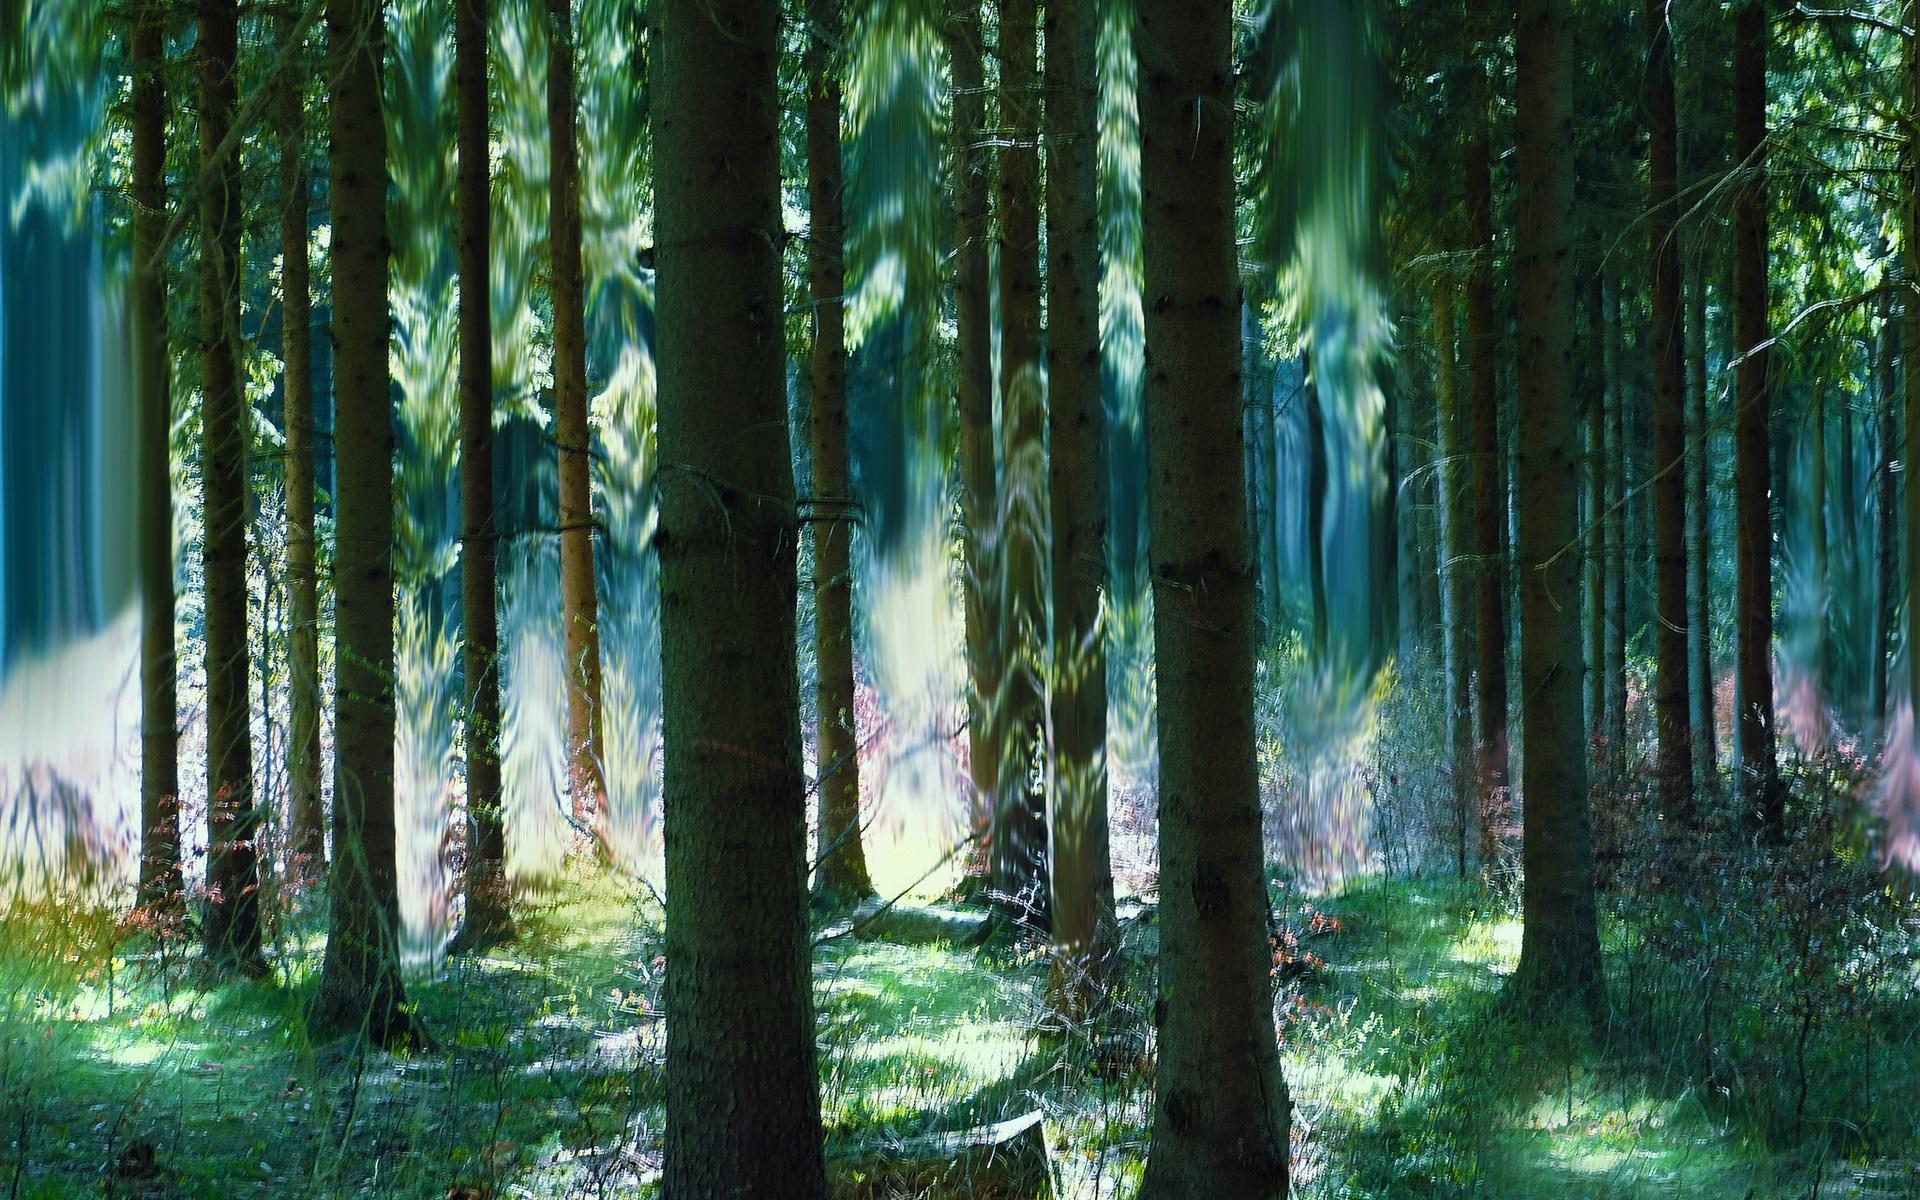 森林,树木,夏天,艺术魅力 壁纸图片